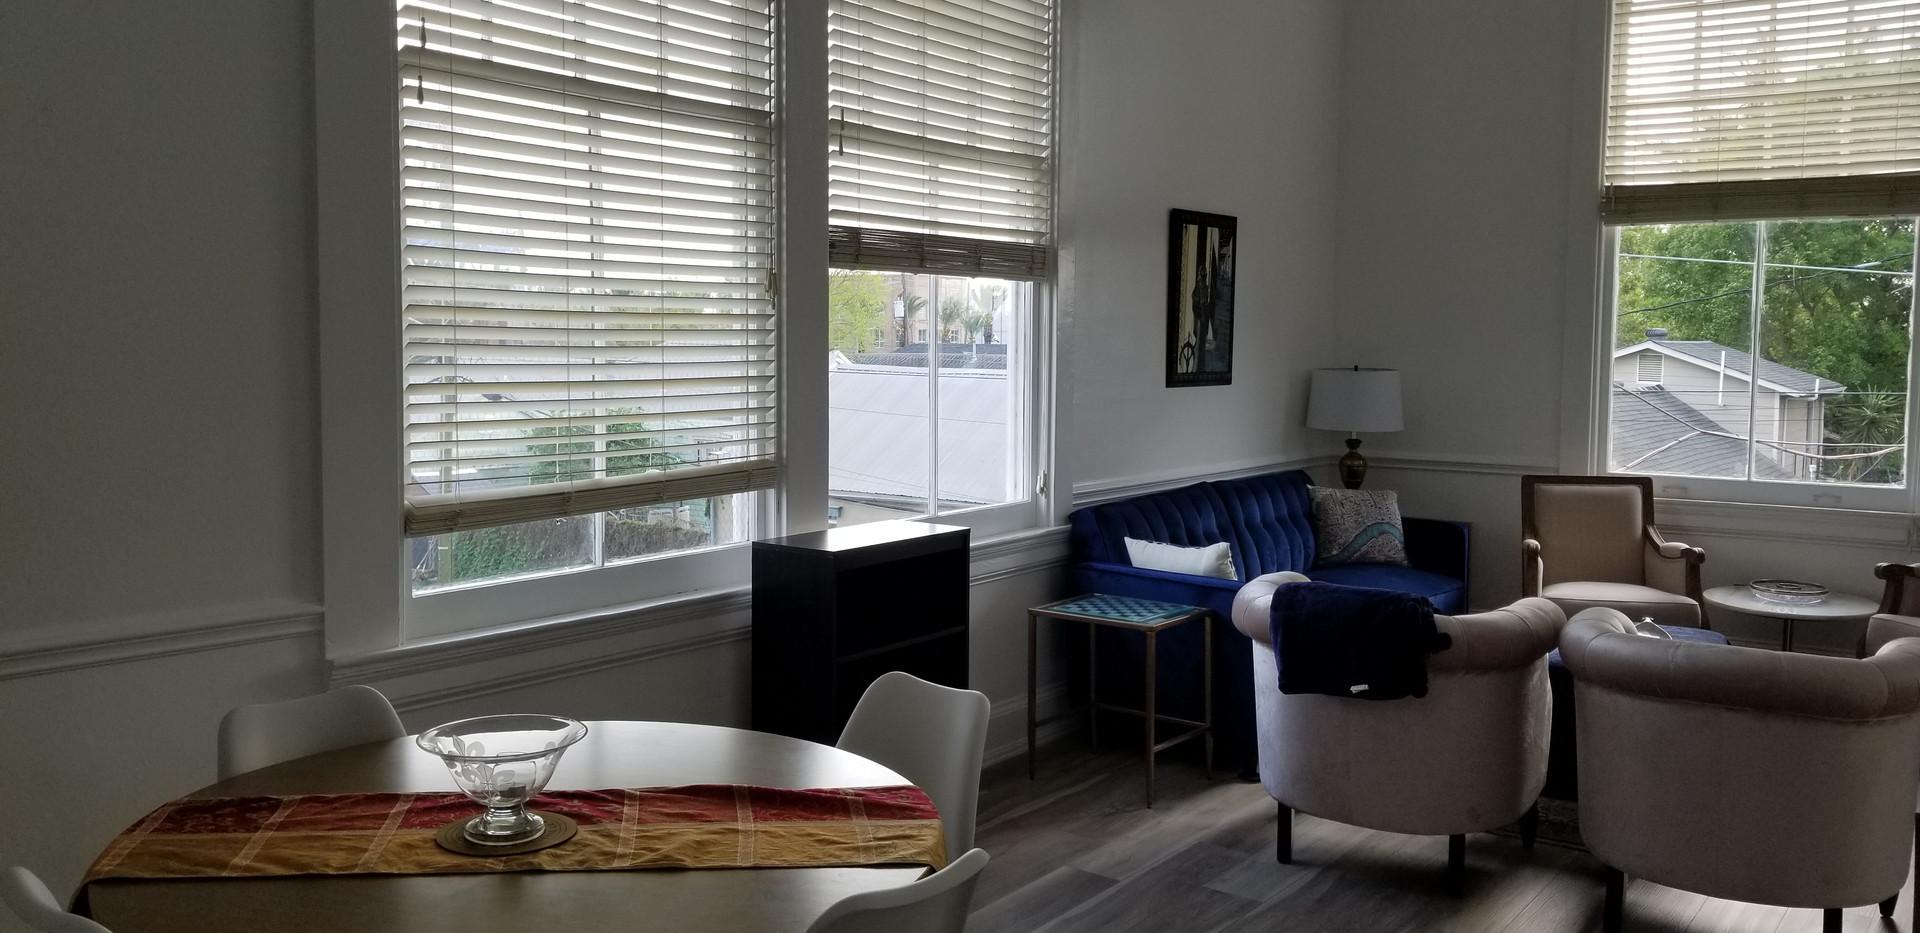 6 - Dining room &  Living room.jpg